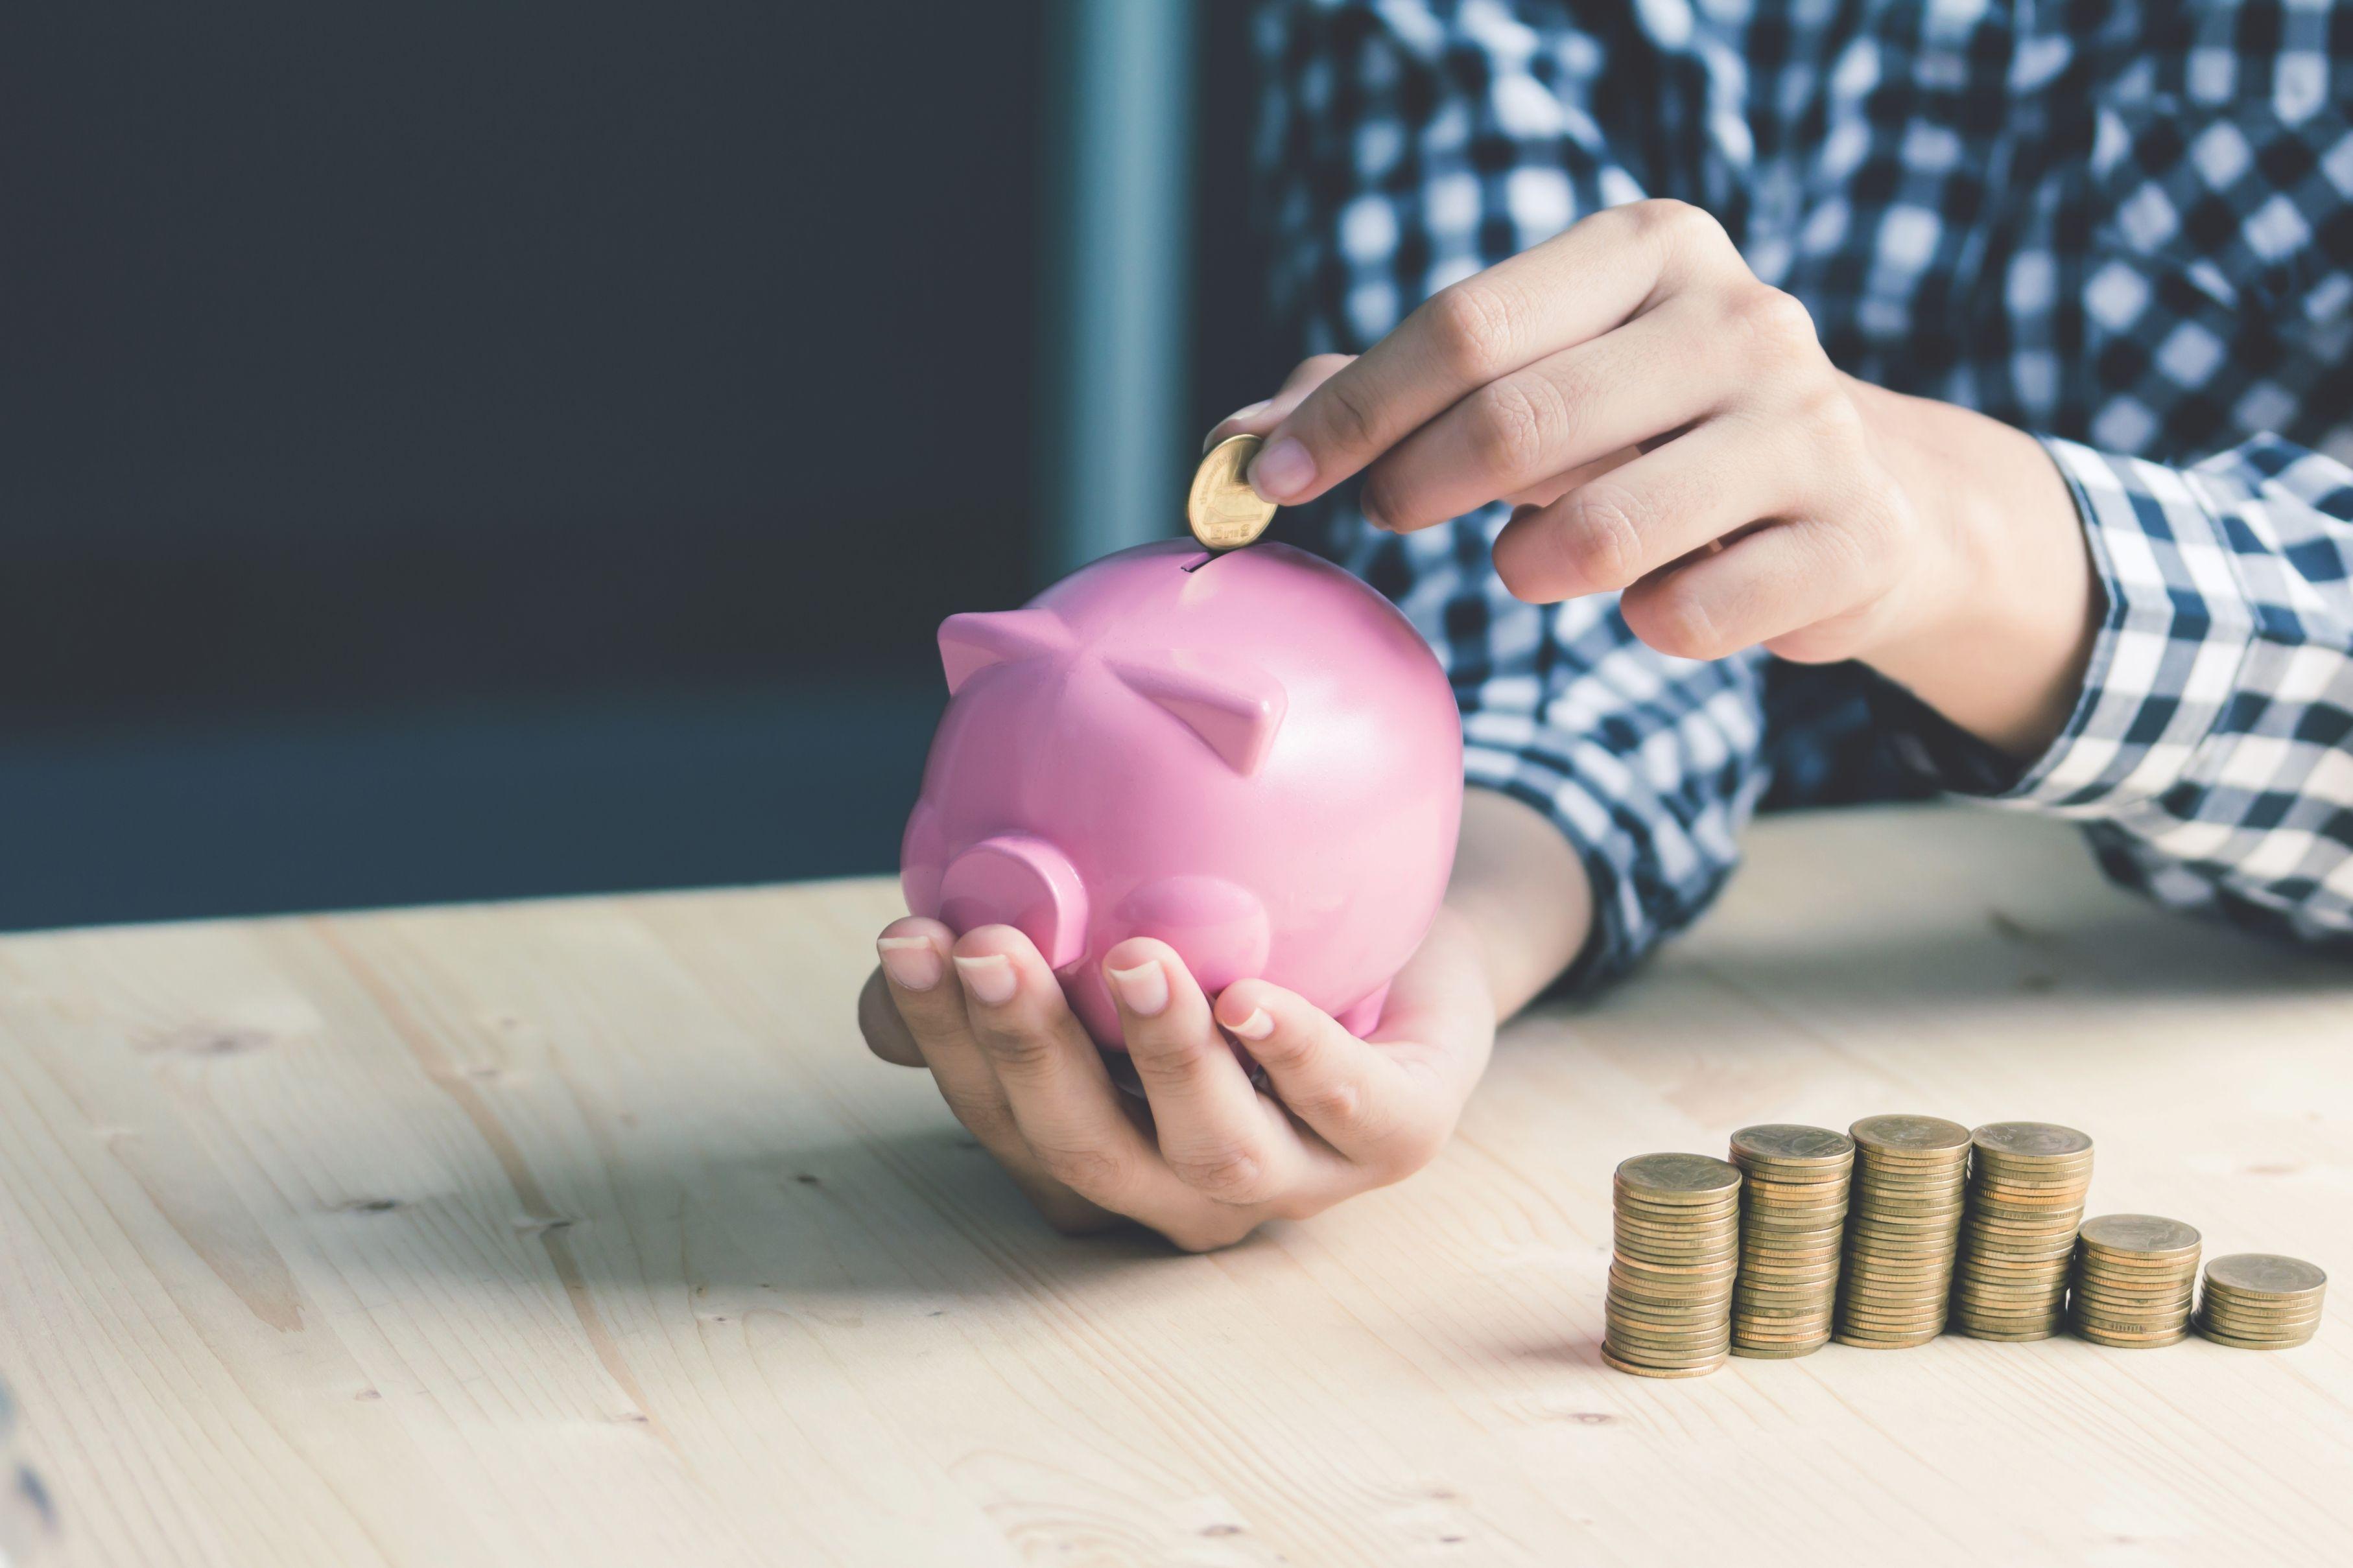 Ustawa o Pracowniczych Planach Kapitałowych, czyli programie oszczędzania środków na zabezpieczenie emerytalne, weszła w życie 1 stycznia 2019 r., a obowiązywać zaczęła już od 1 lipca (fot. shutterstock)